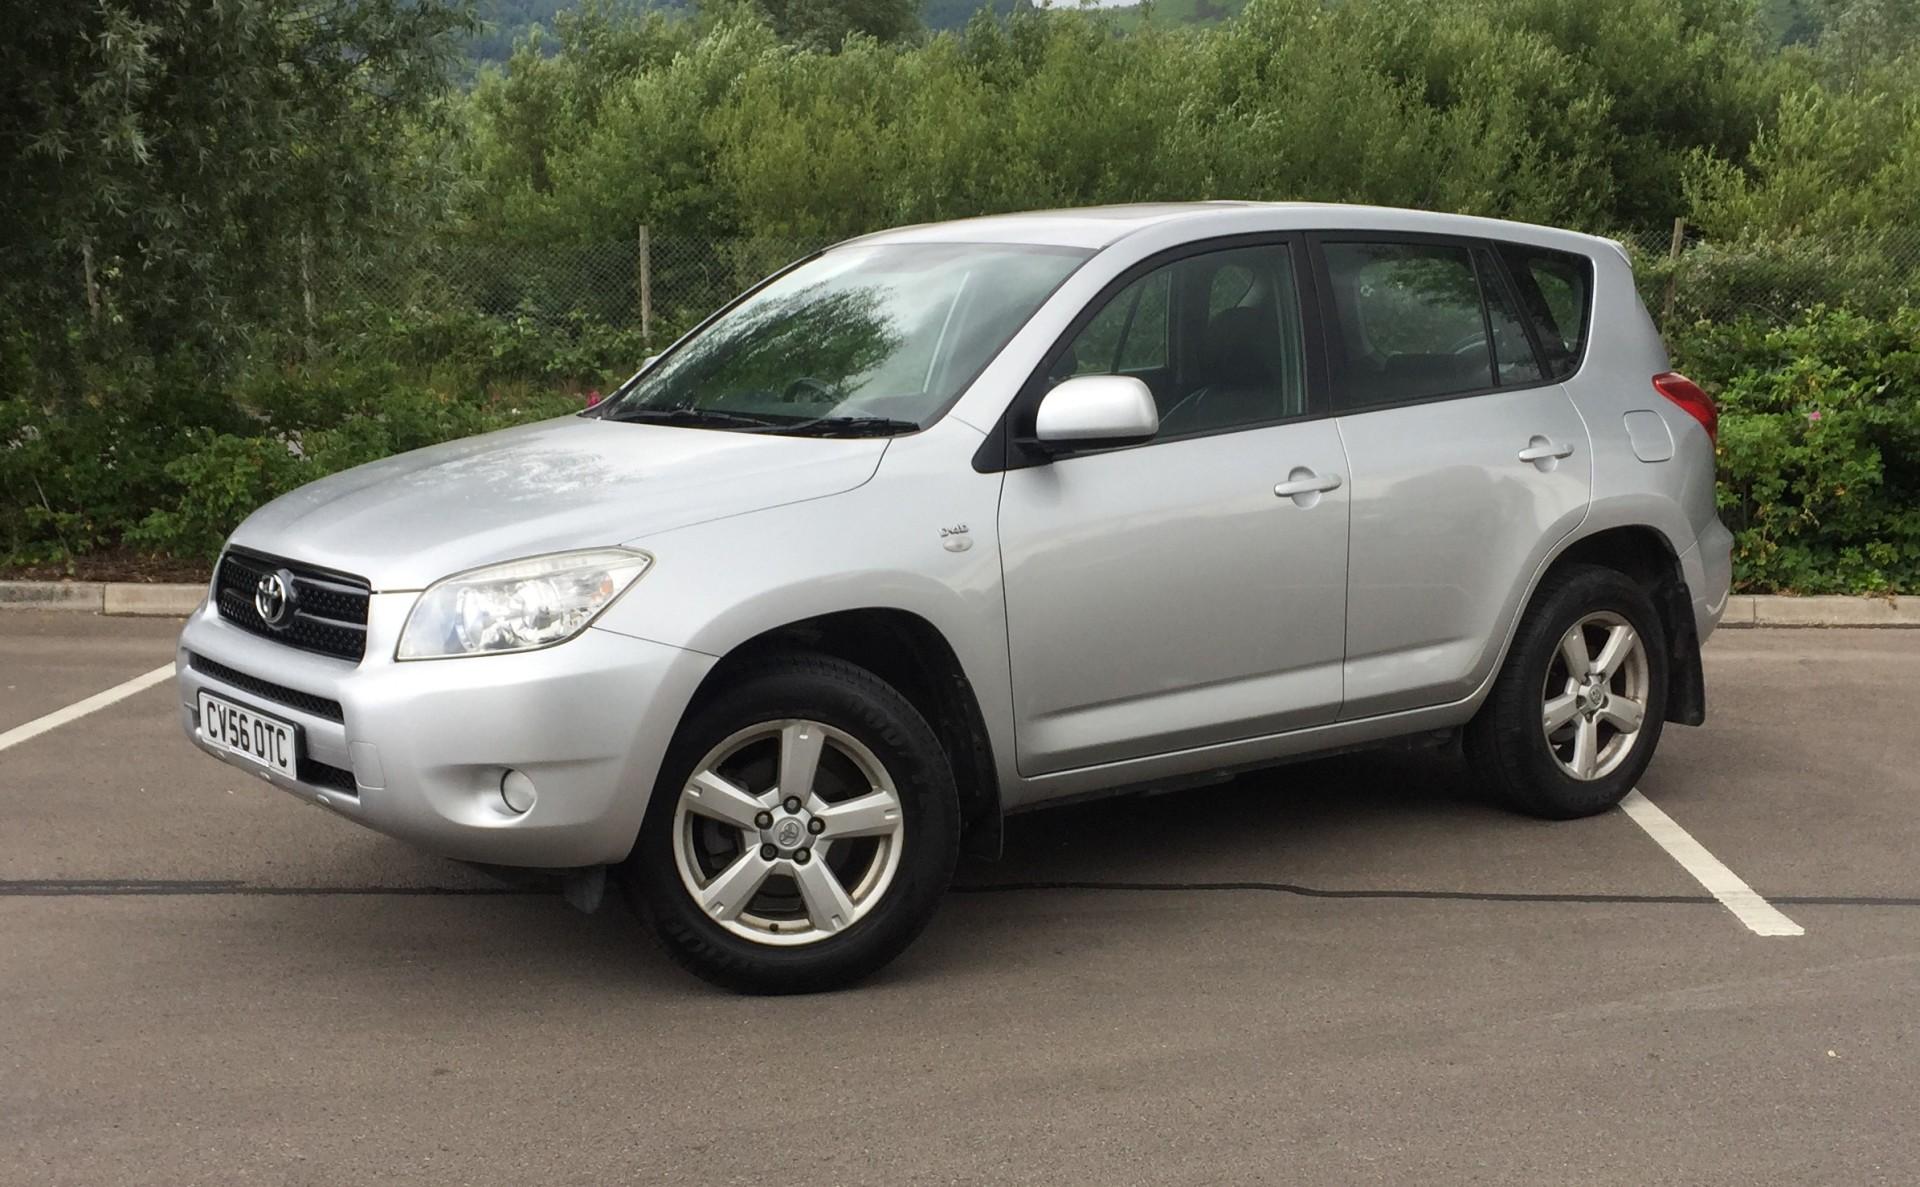 £23/week £4,495 Toyota RAV-4 2.2 D-4D XT4 5 Door 86,562 Miles